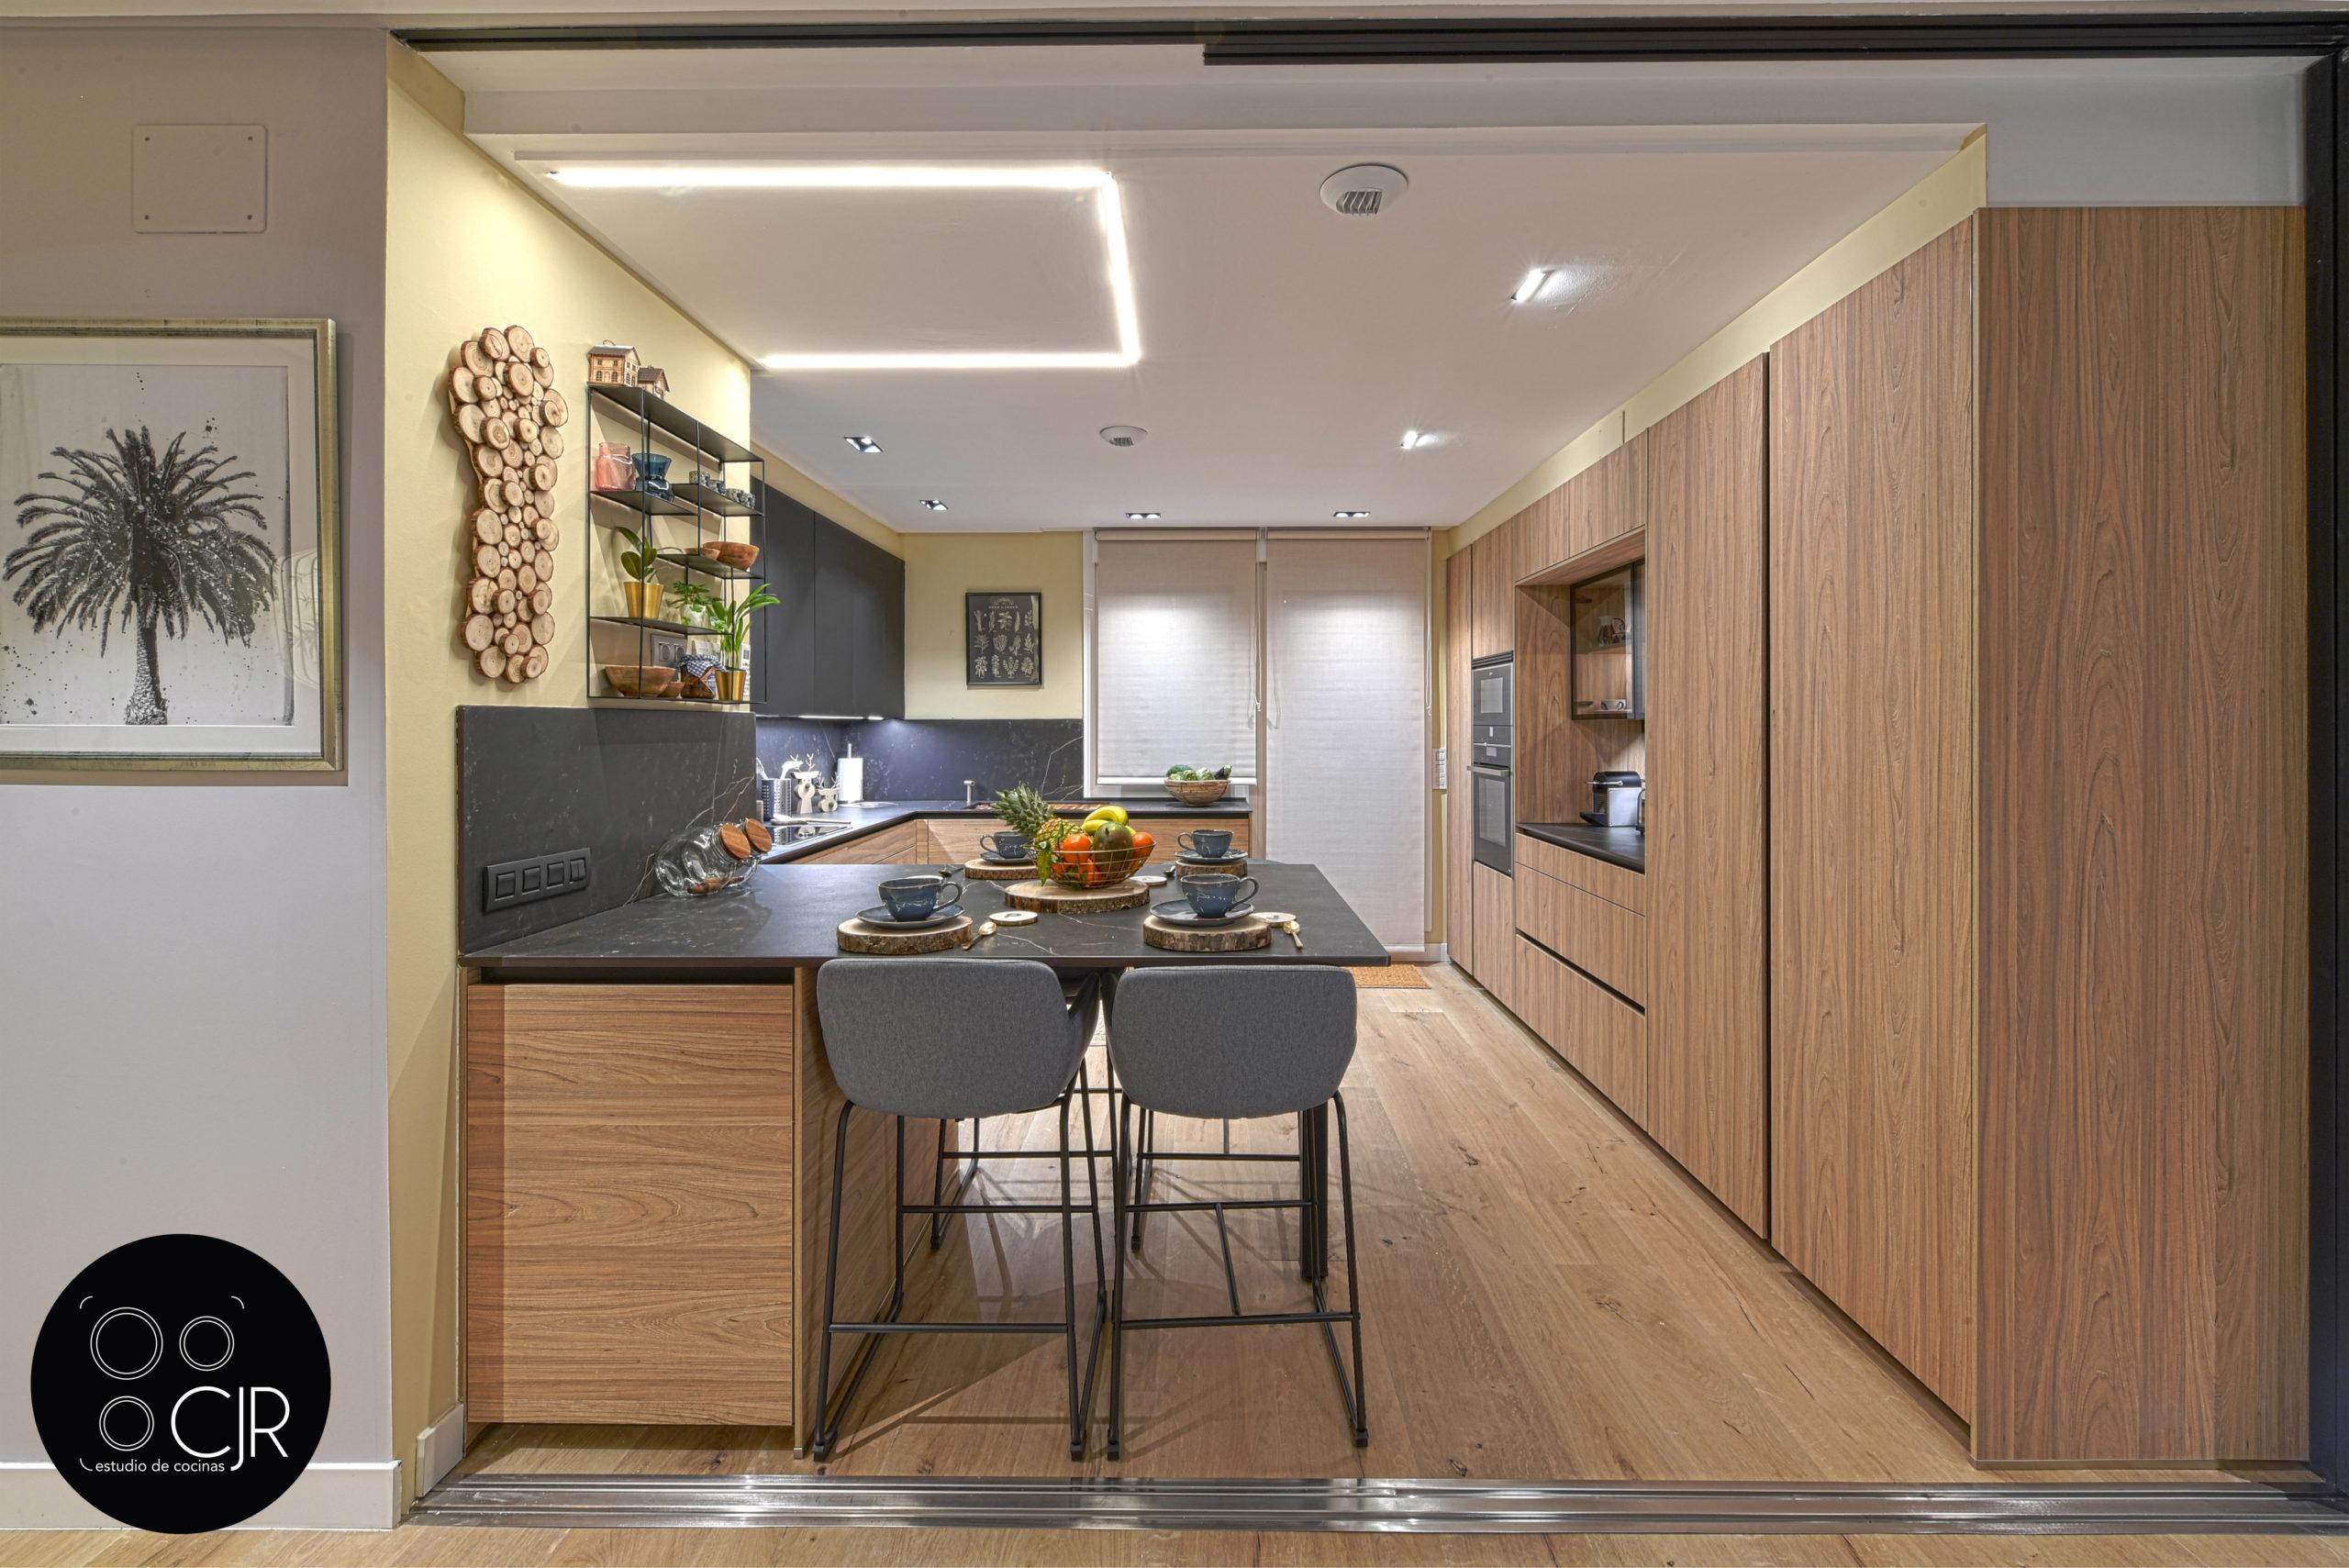 Vista frontal en cocina moderna negra y madera